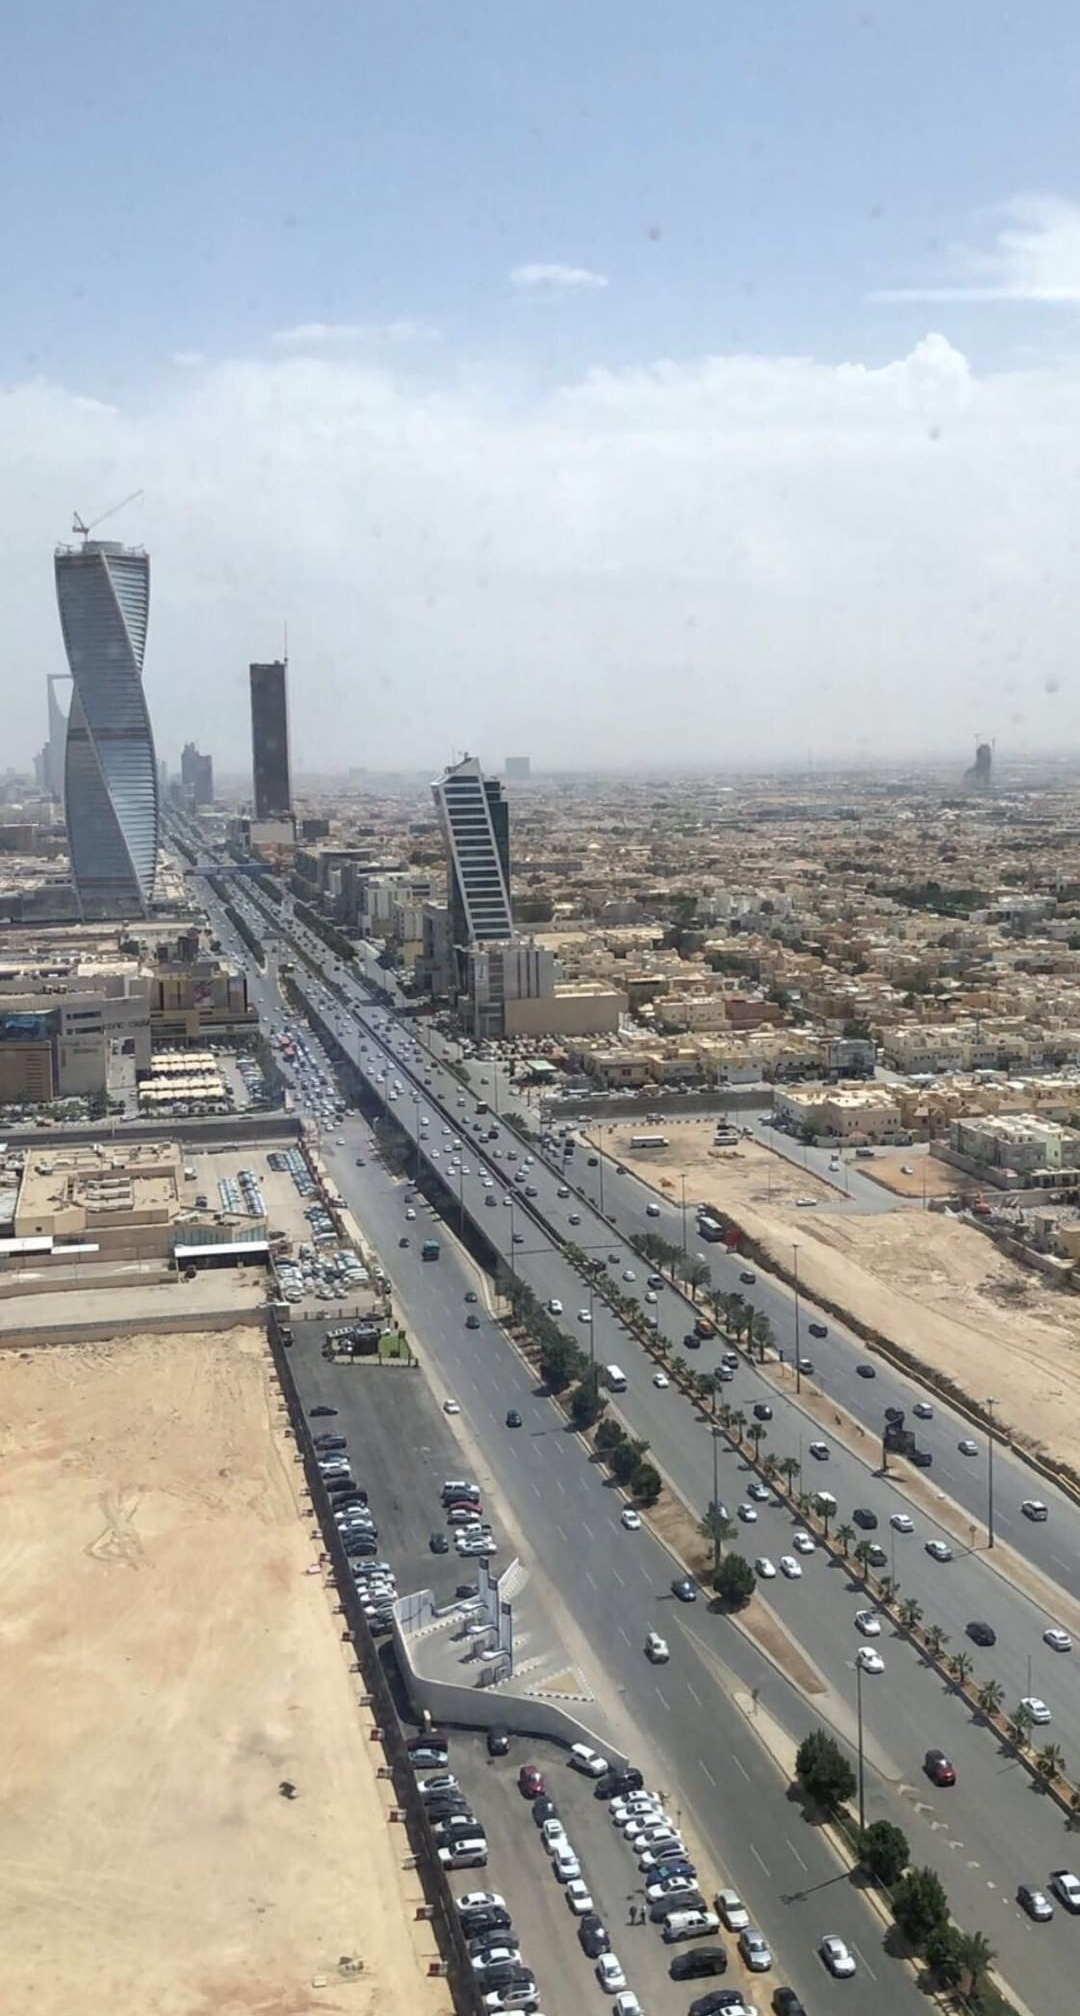 Homosexualität in Saudi-Arabien: Interview mit einem Einheimischen